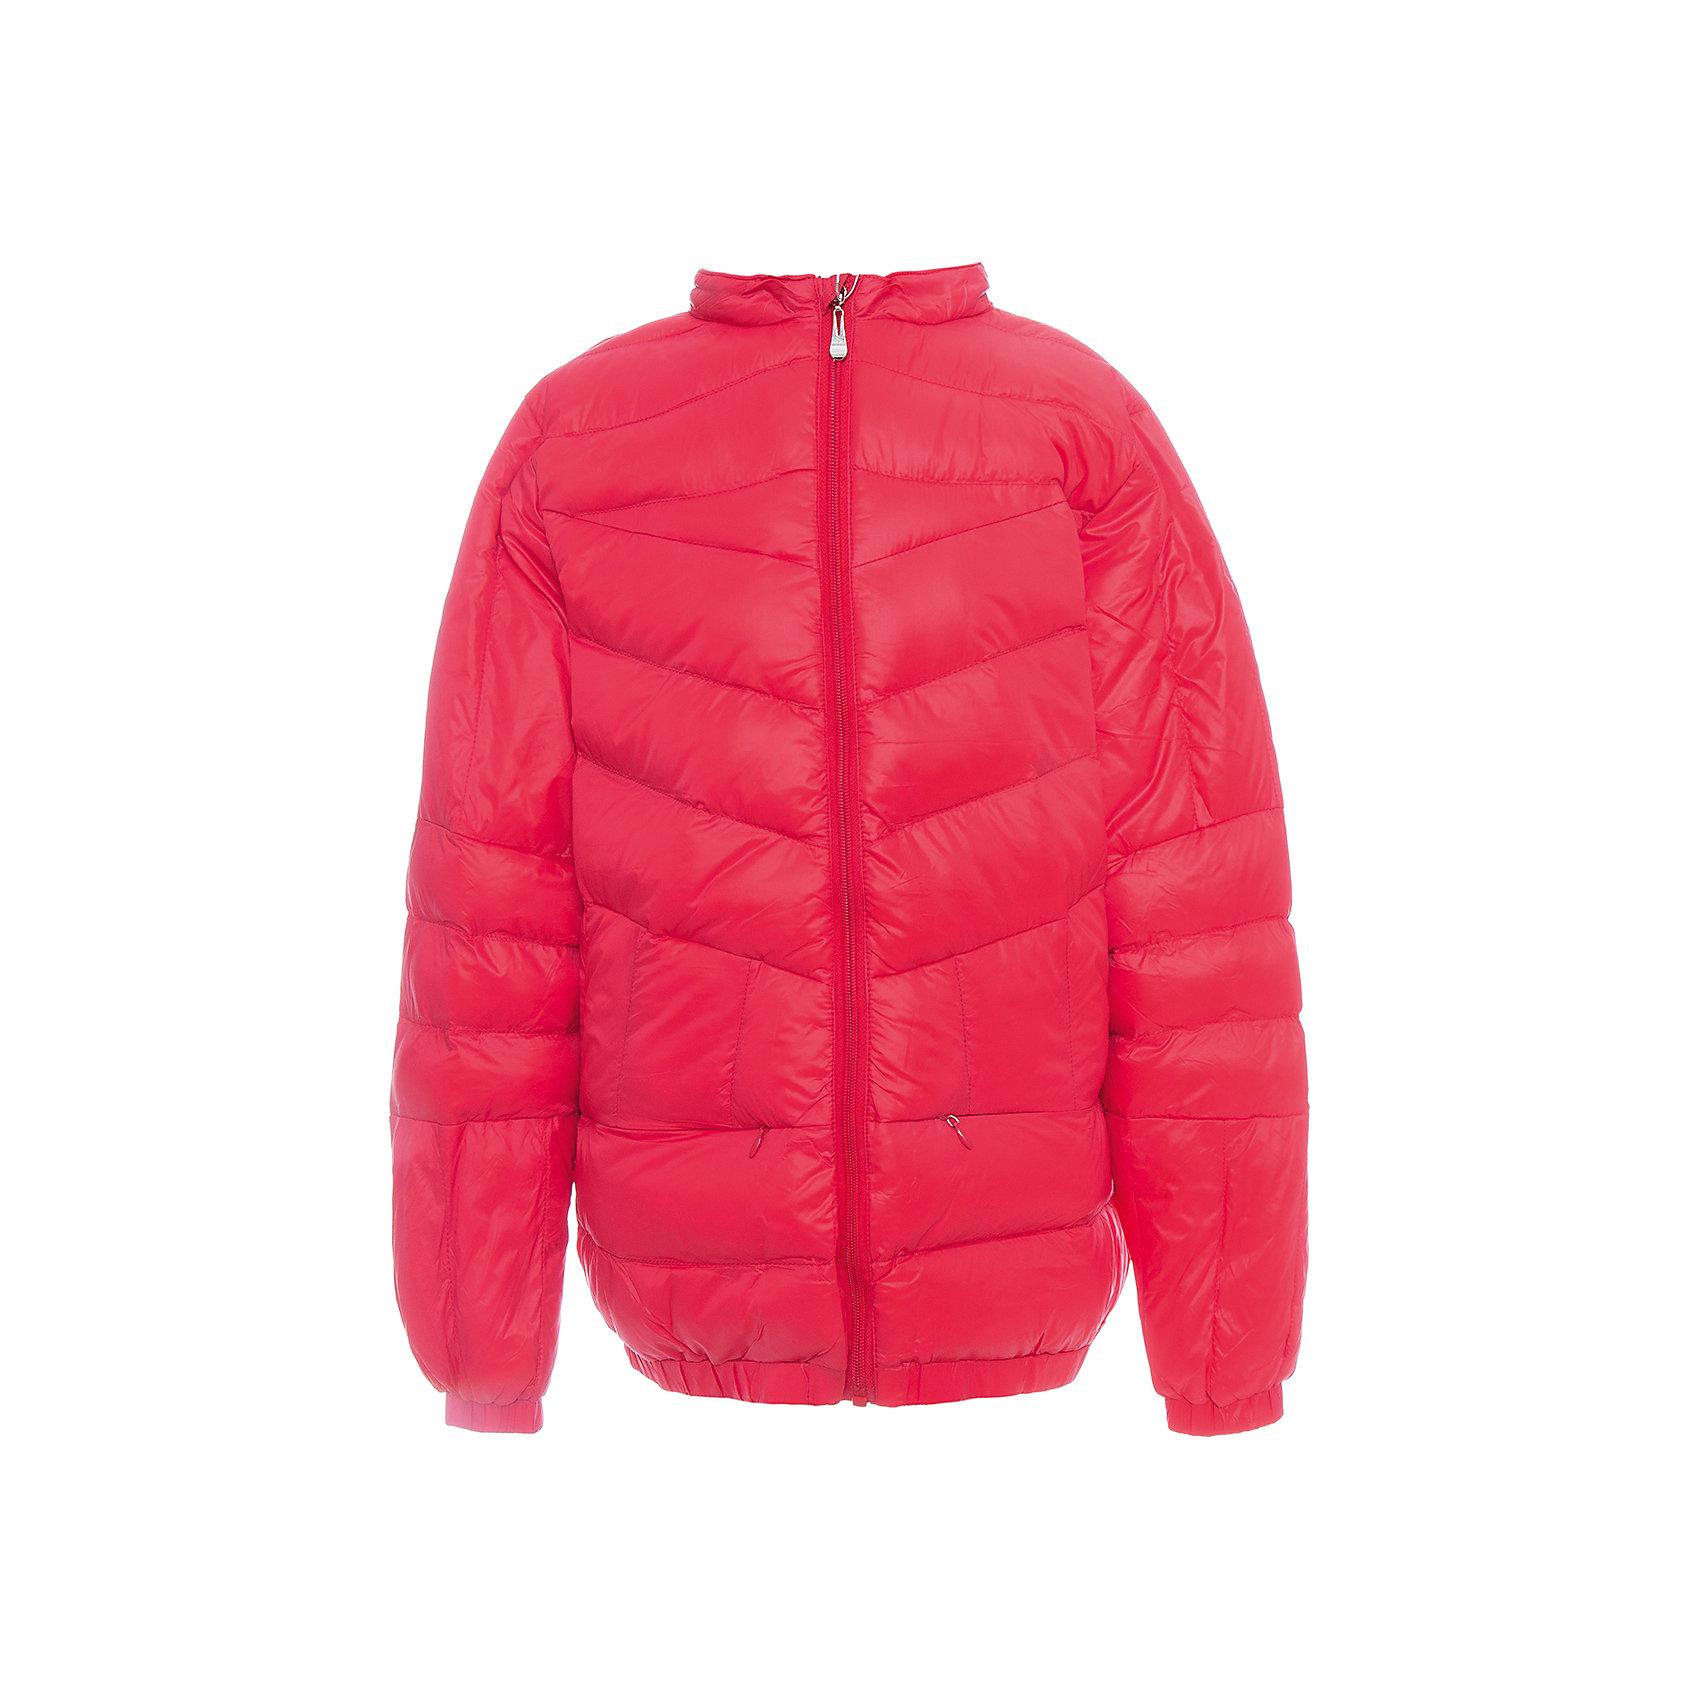 Куртка для девочки LuminosoВерхняя одежда<br>Легкая и стильная, стеганая куртка для девочки с воротником-стойкой. Потайные карманы на молнии. Застегивается на молнию.<br>Состав:<br>Верх: 100%нейлон.  Подкладка: 100%полиэстер. Наполнитель: 100%полиэстер<br><br>Ширина мм: 356<br>Глубина мм: 10<br>Высота мм: 245<br>Вес г: 519<br>Цвет: красный<br>Возраст от месяцев: 96<br>Возраст до месяцев: 108<br>Пол: Женский<br>Возраст: Детский<br>Размер: 134,164,140,146,152,158<br>SKU: 5413531